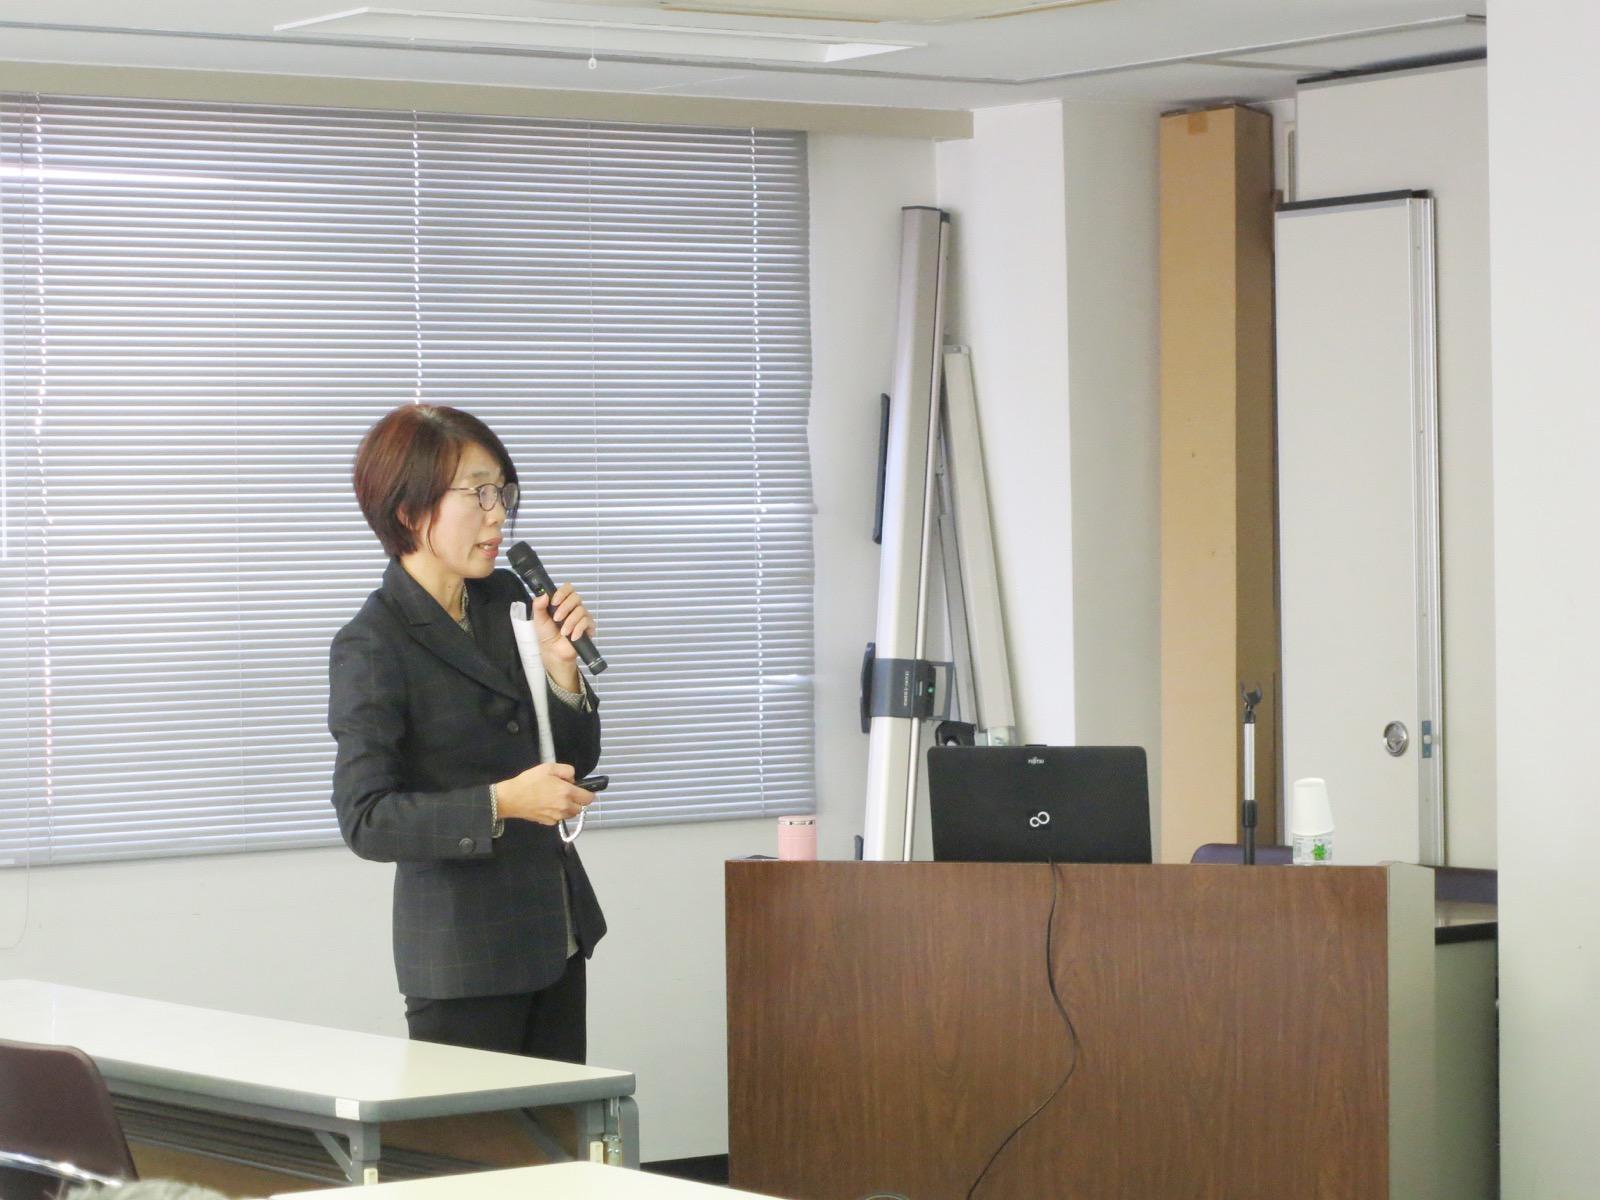 岡山のFP黒住惠里の相続・不動産セミナーの様子